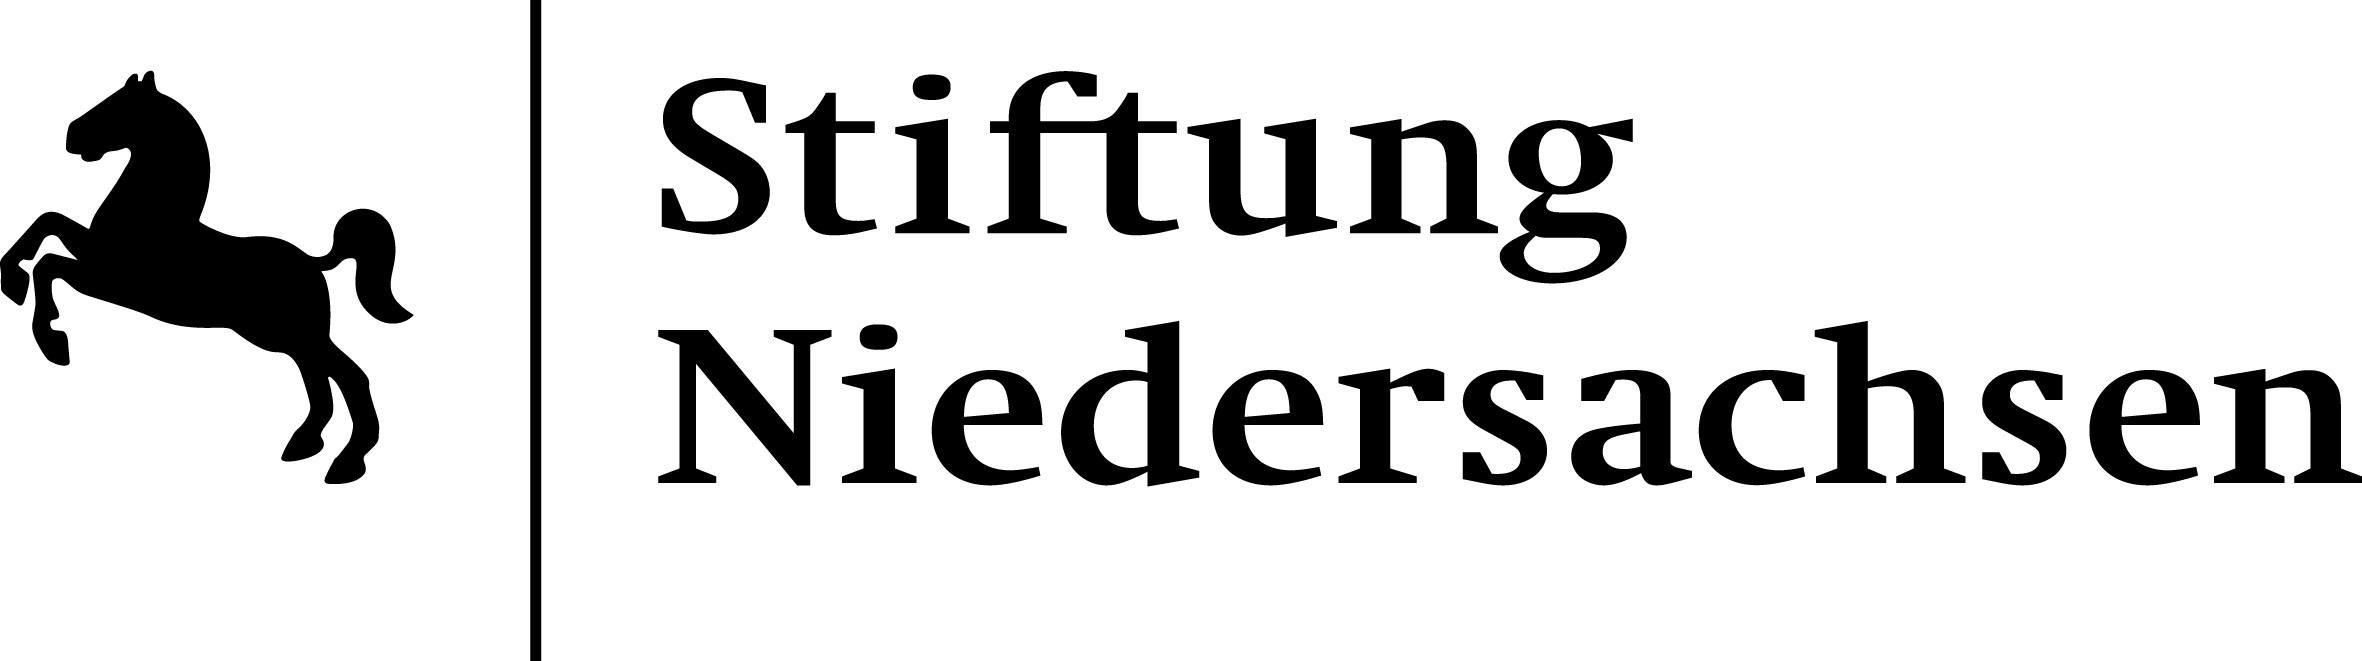 coypright Stiftung Niedersachsen